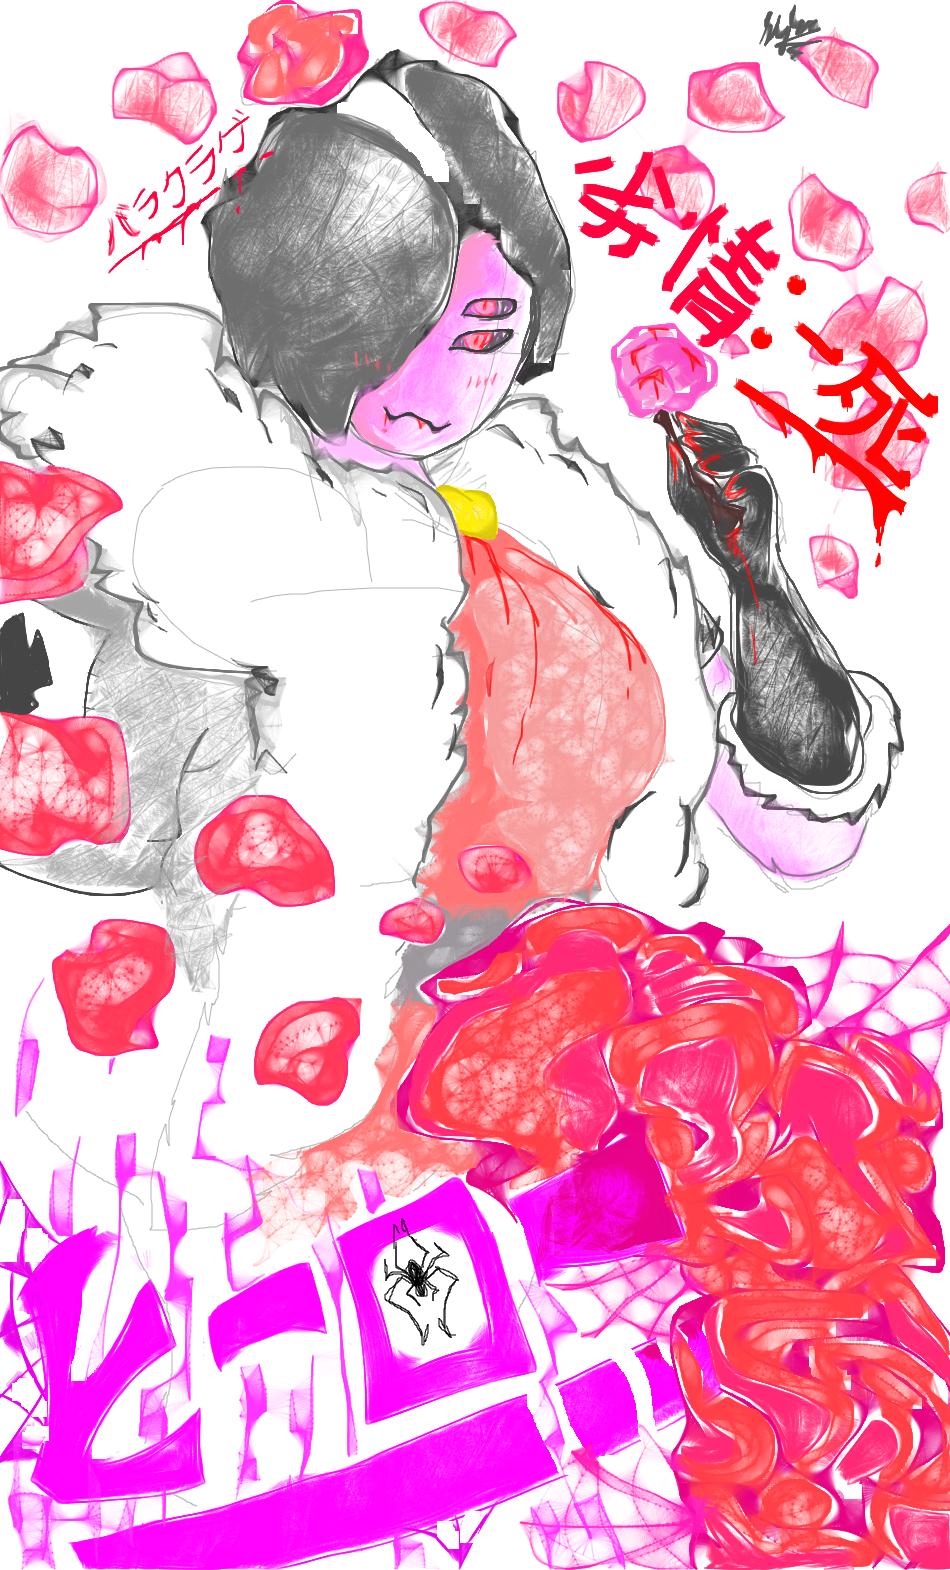 Rose Arachnid